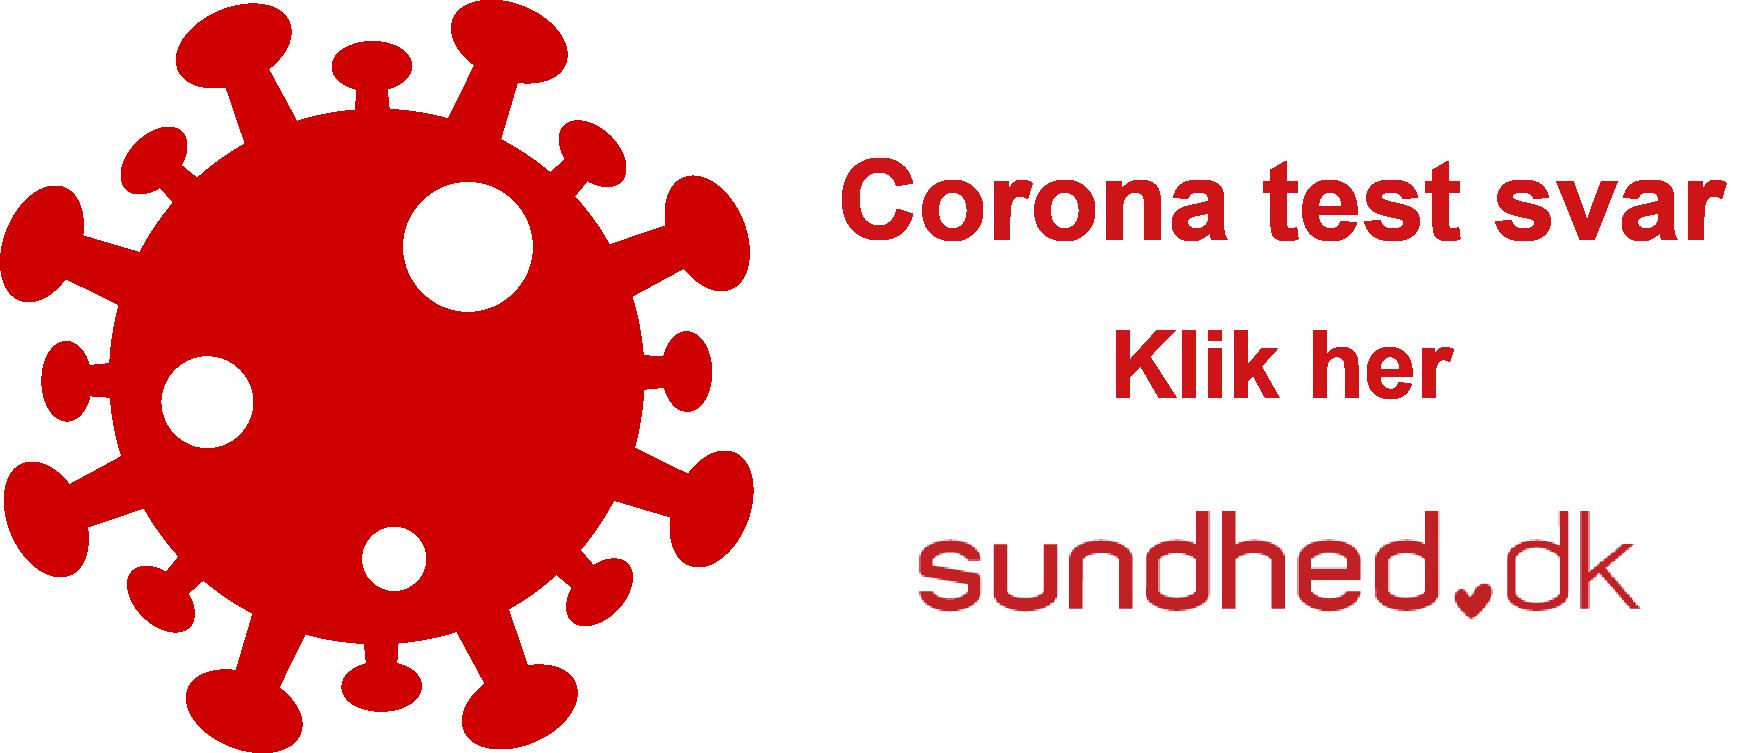 Corona test svar